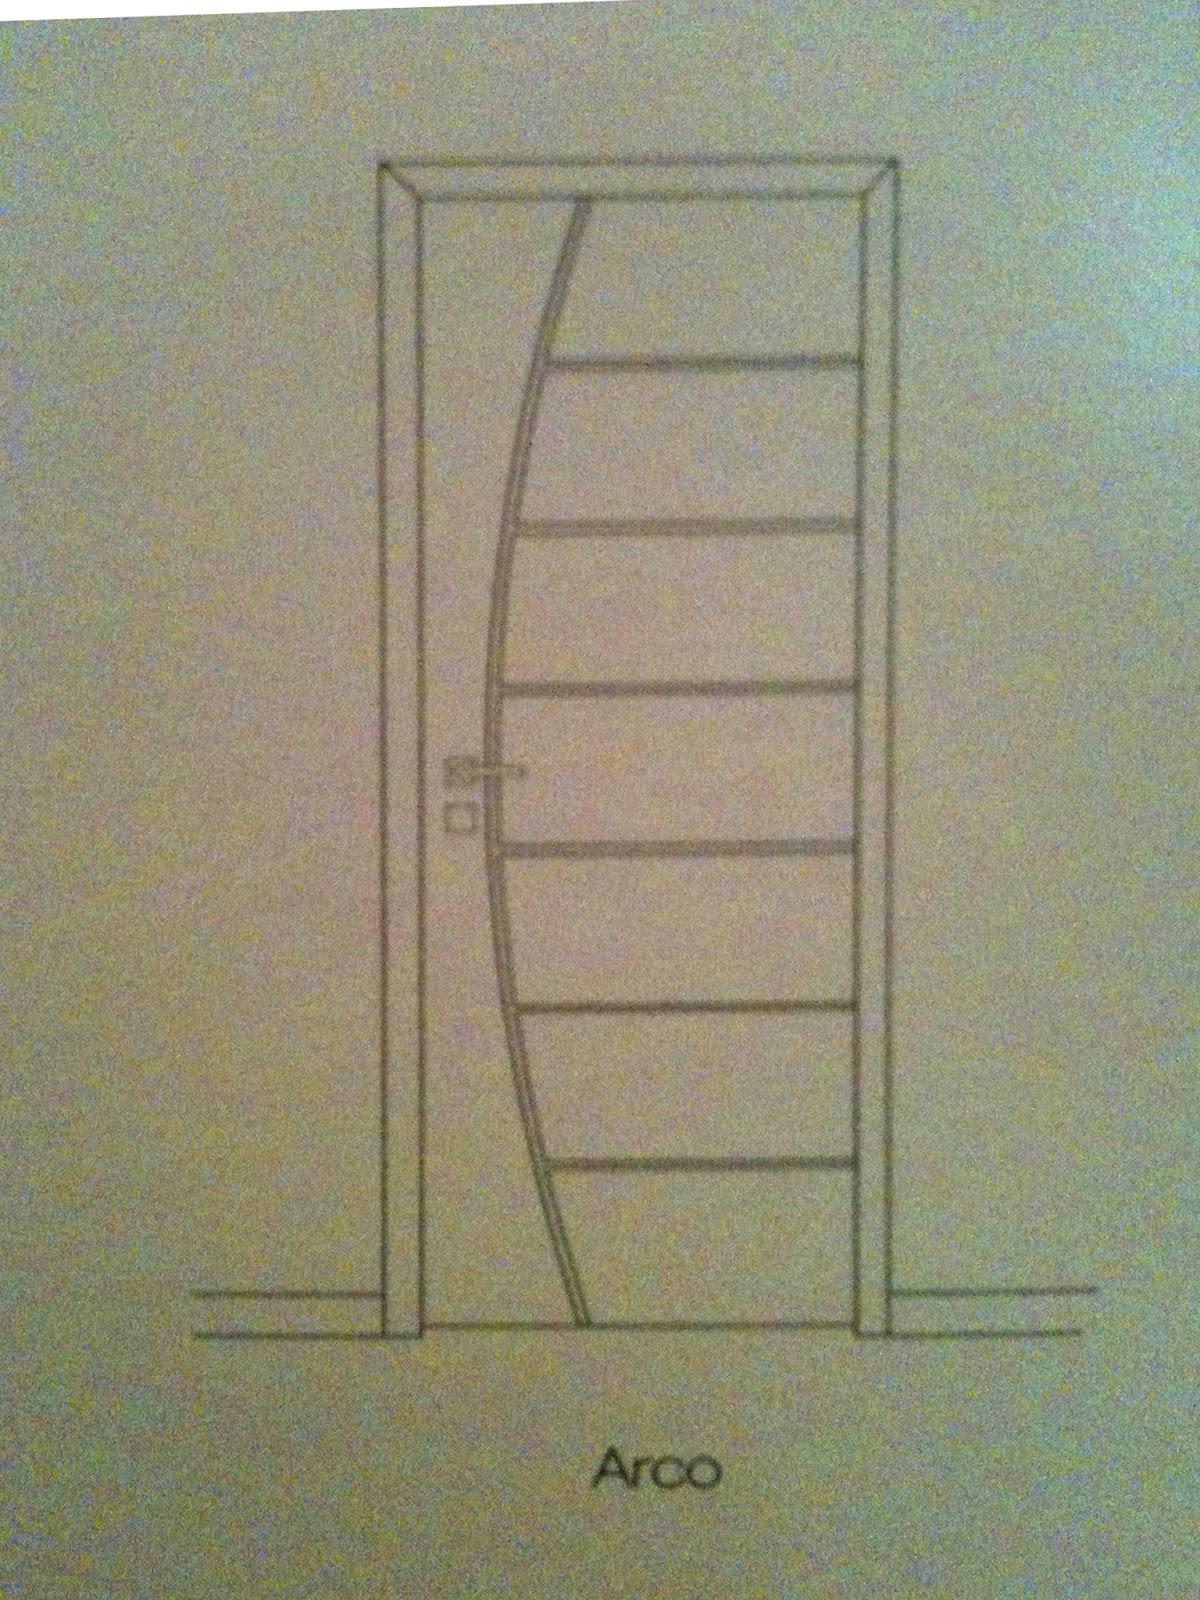 Tutorial sketchup brasil desenhando portas for Porta ketchup